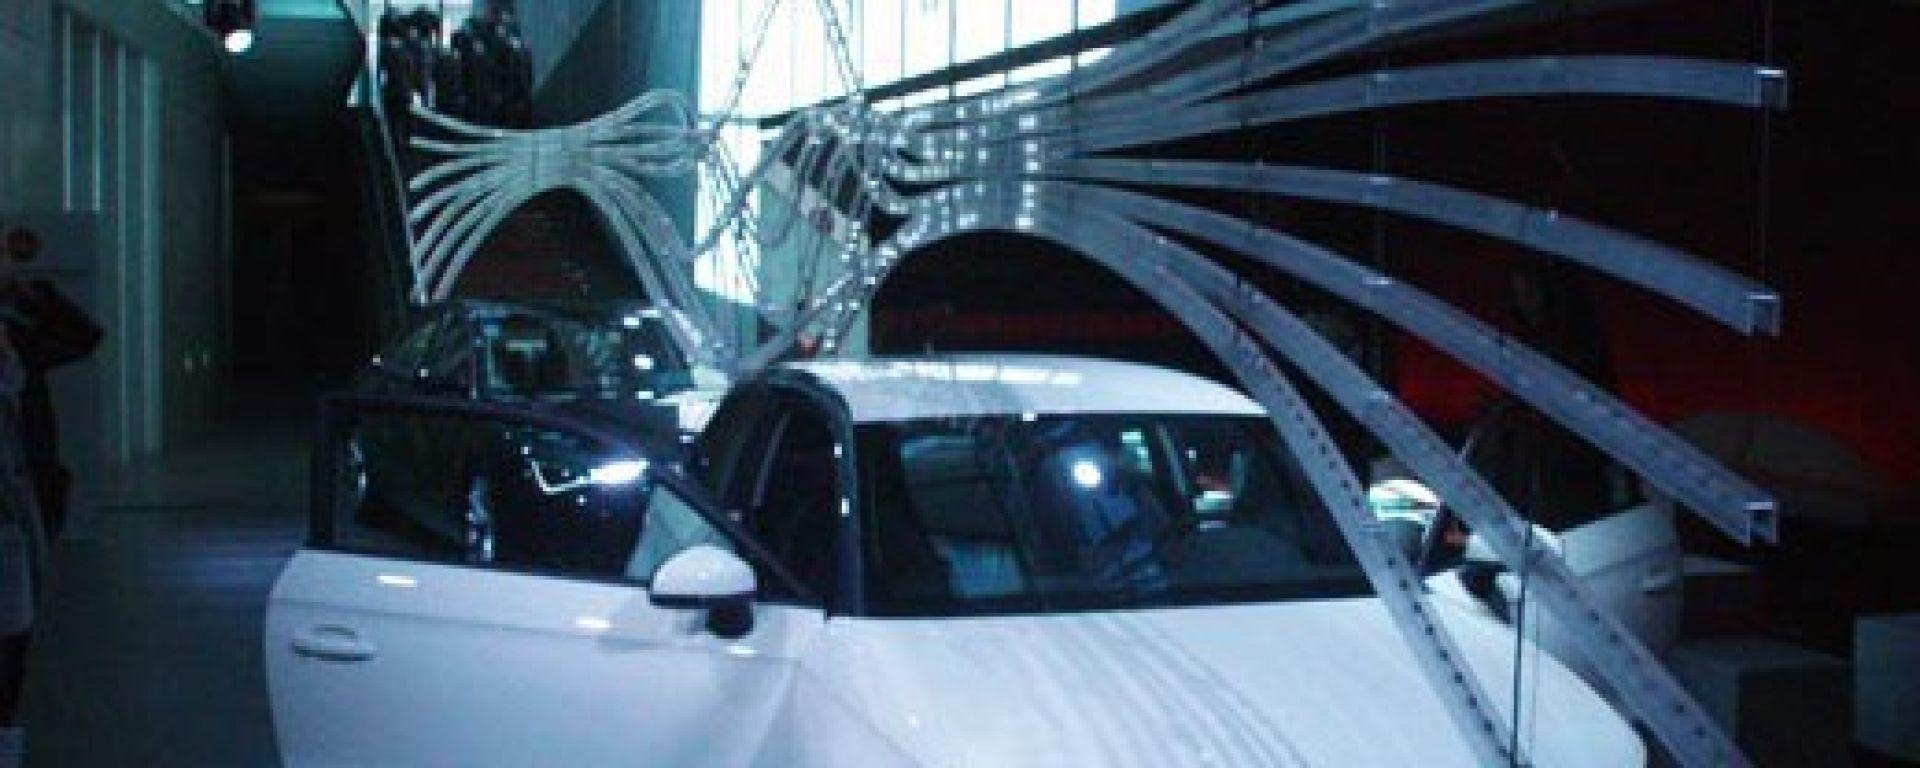 L'auto al Fuorisalone 2010